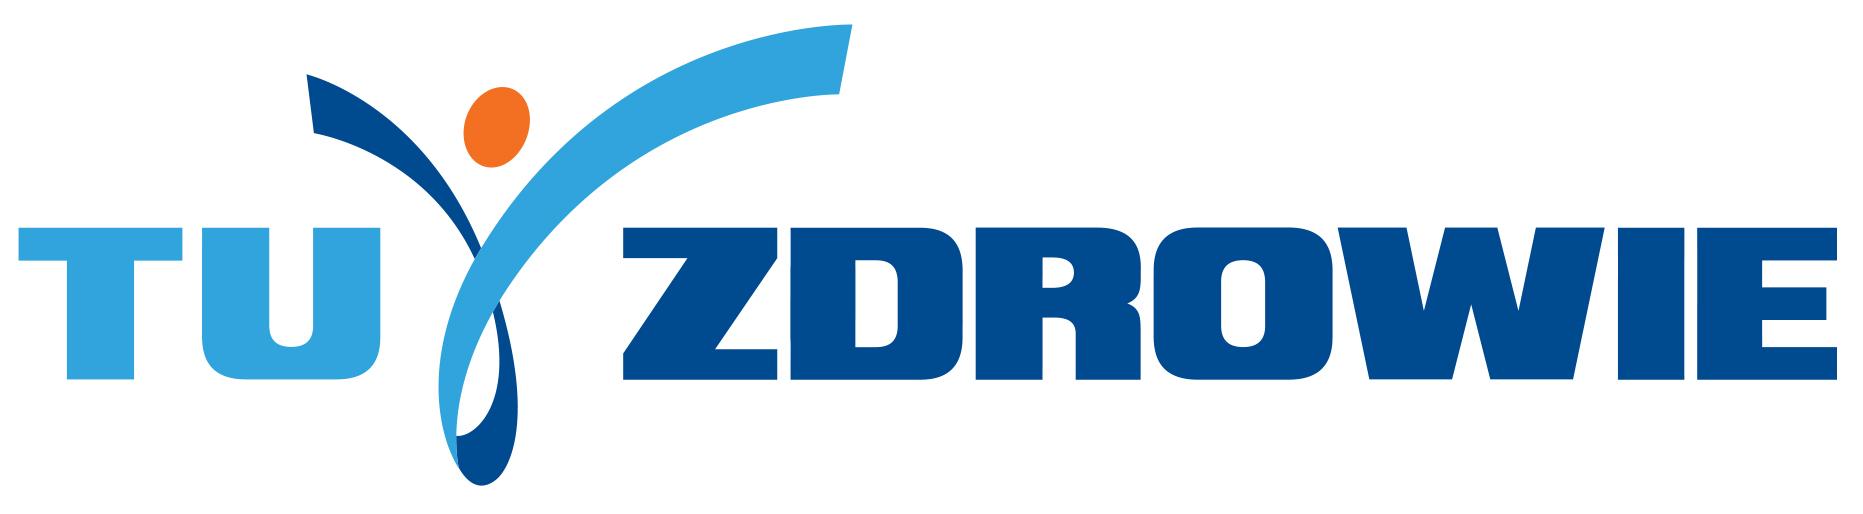 tuzdrowie_logo__rgb-separated__16lip2013